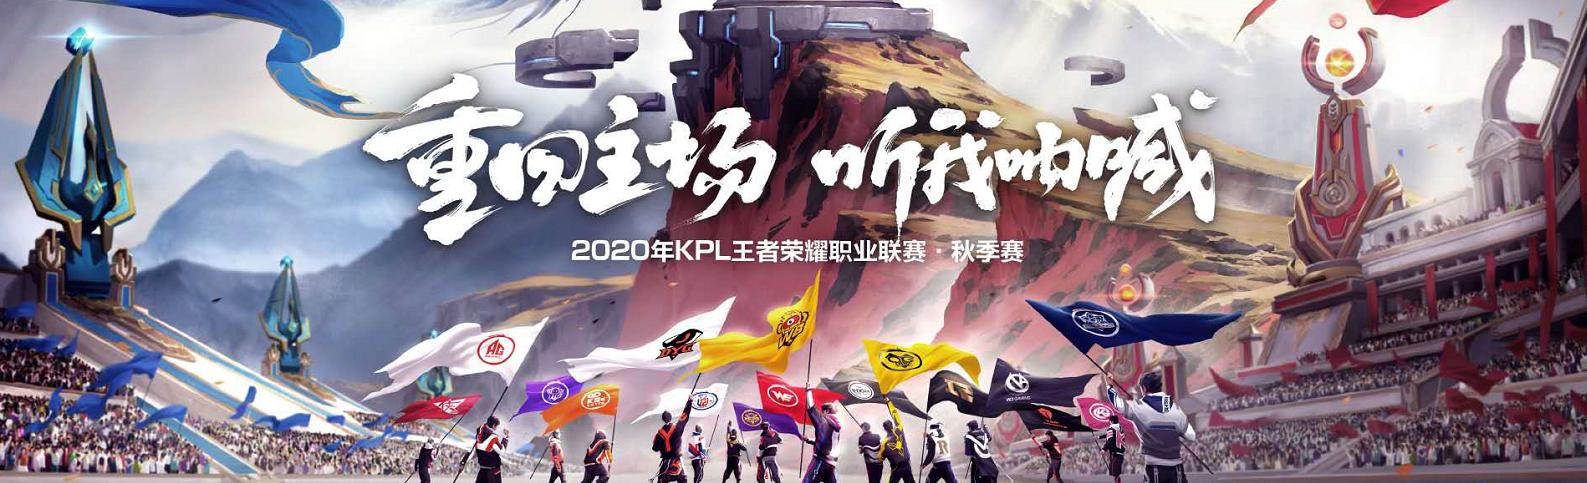 王者荣耀KPL赛事专区